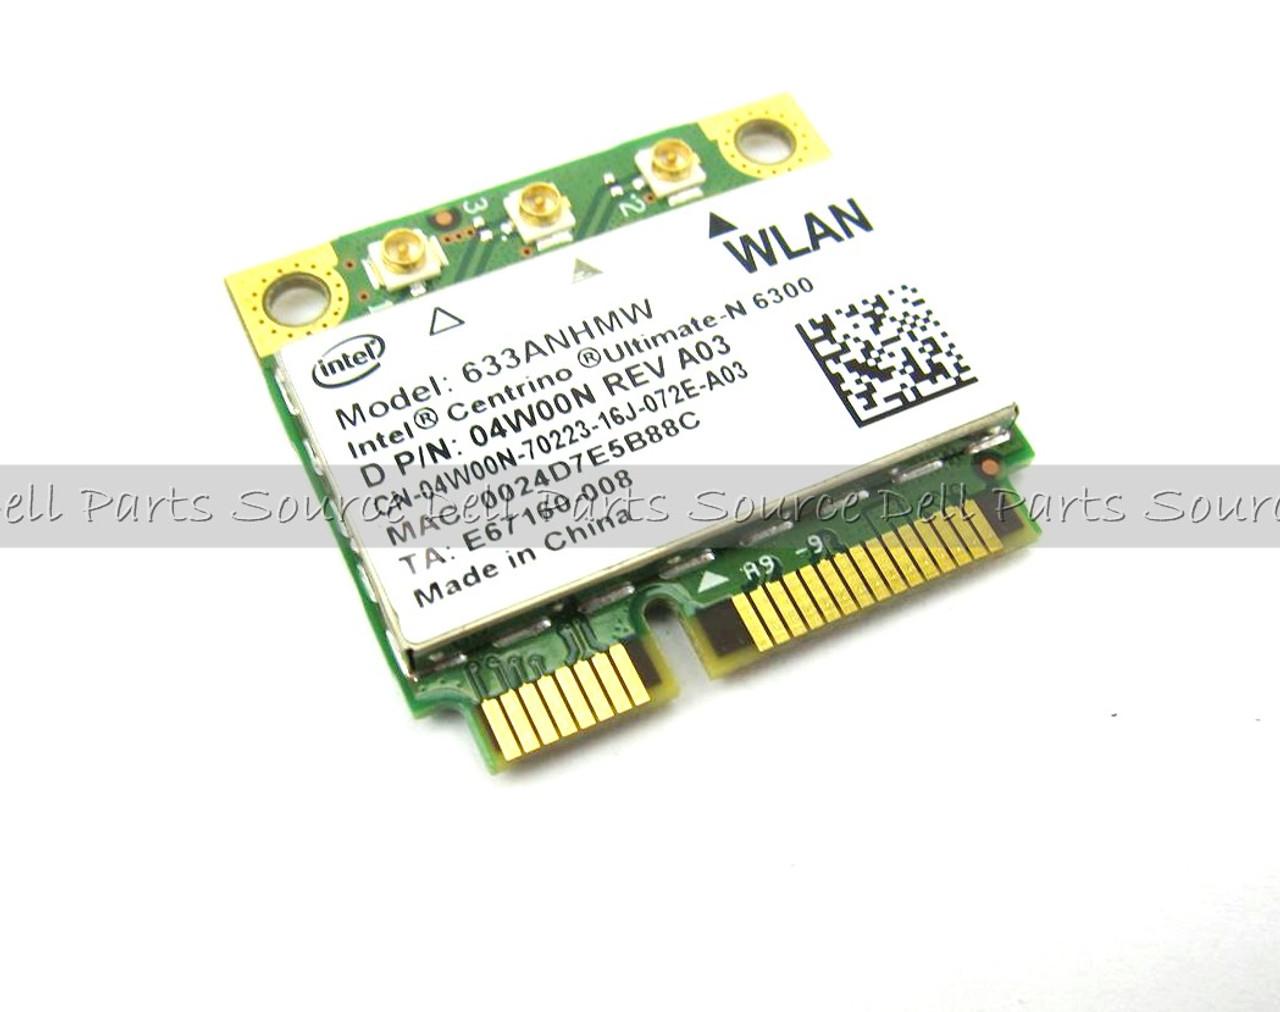 Dell Intel 6300 Draft N Wireless WiFi 802.11 a/g/n  Mini-PCI Express Half-Height Card - 4W00N